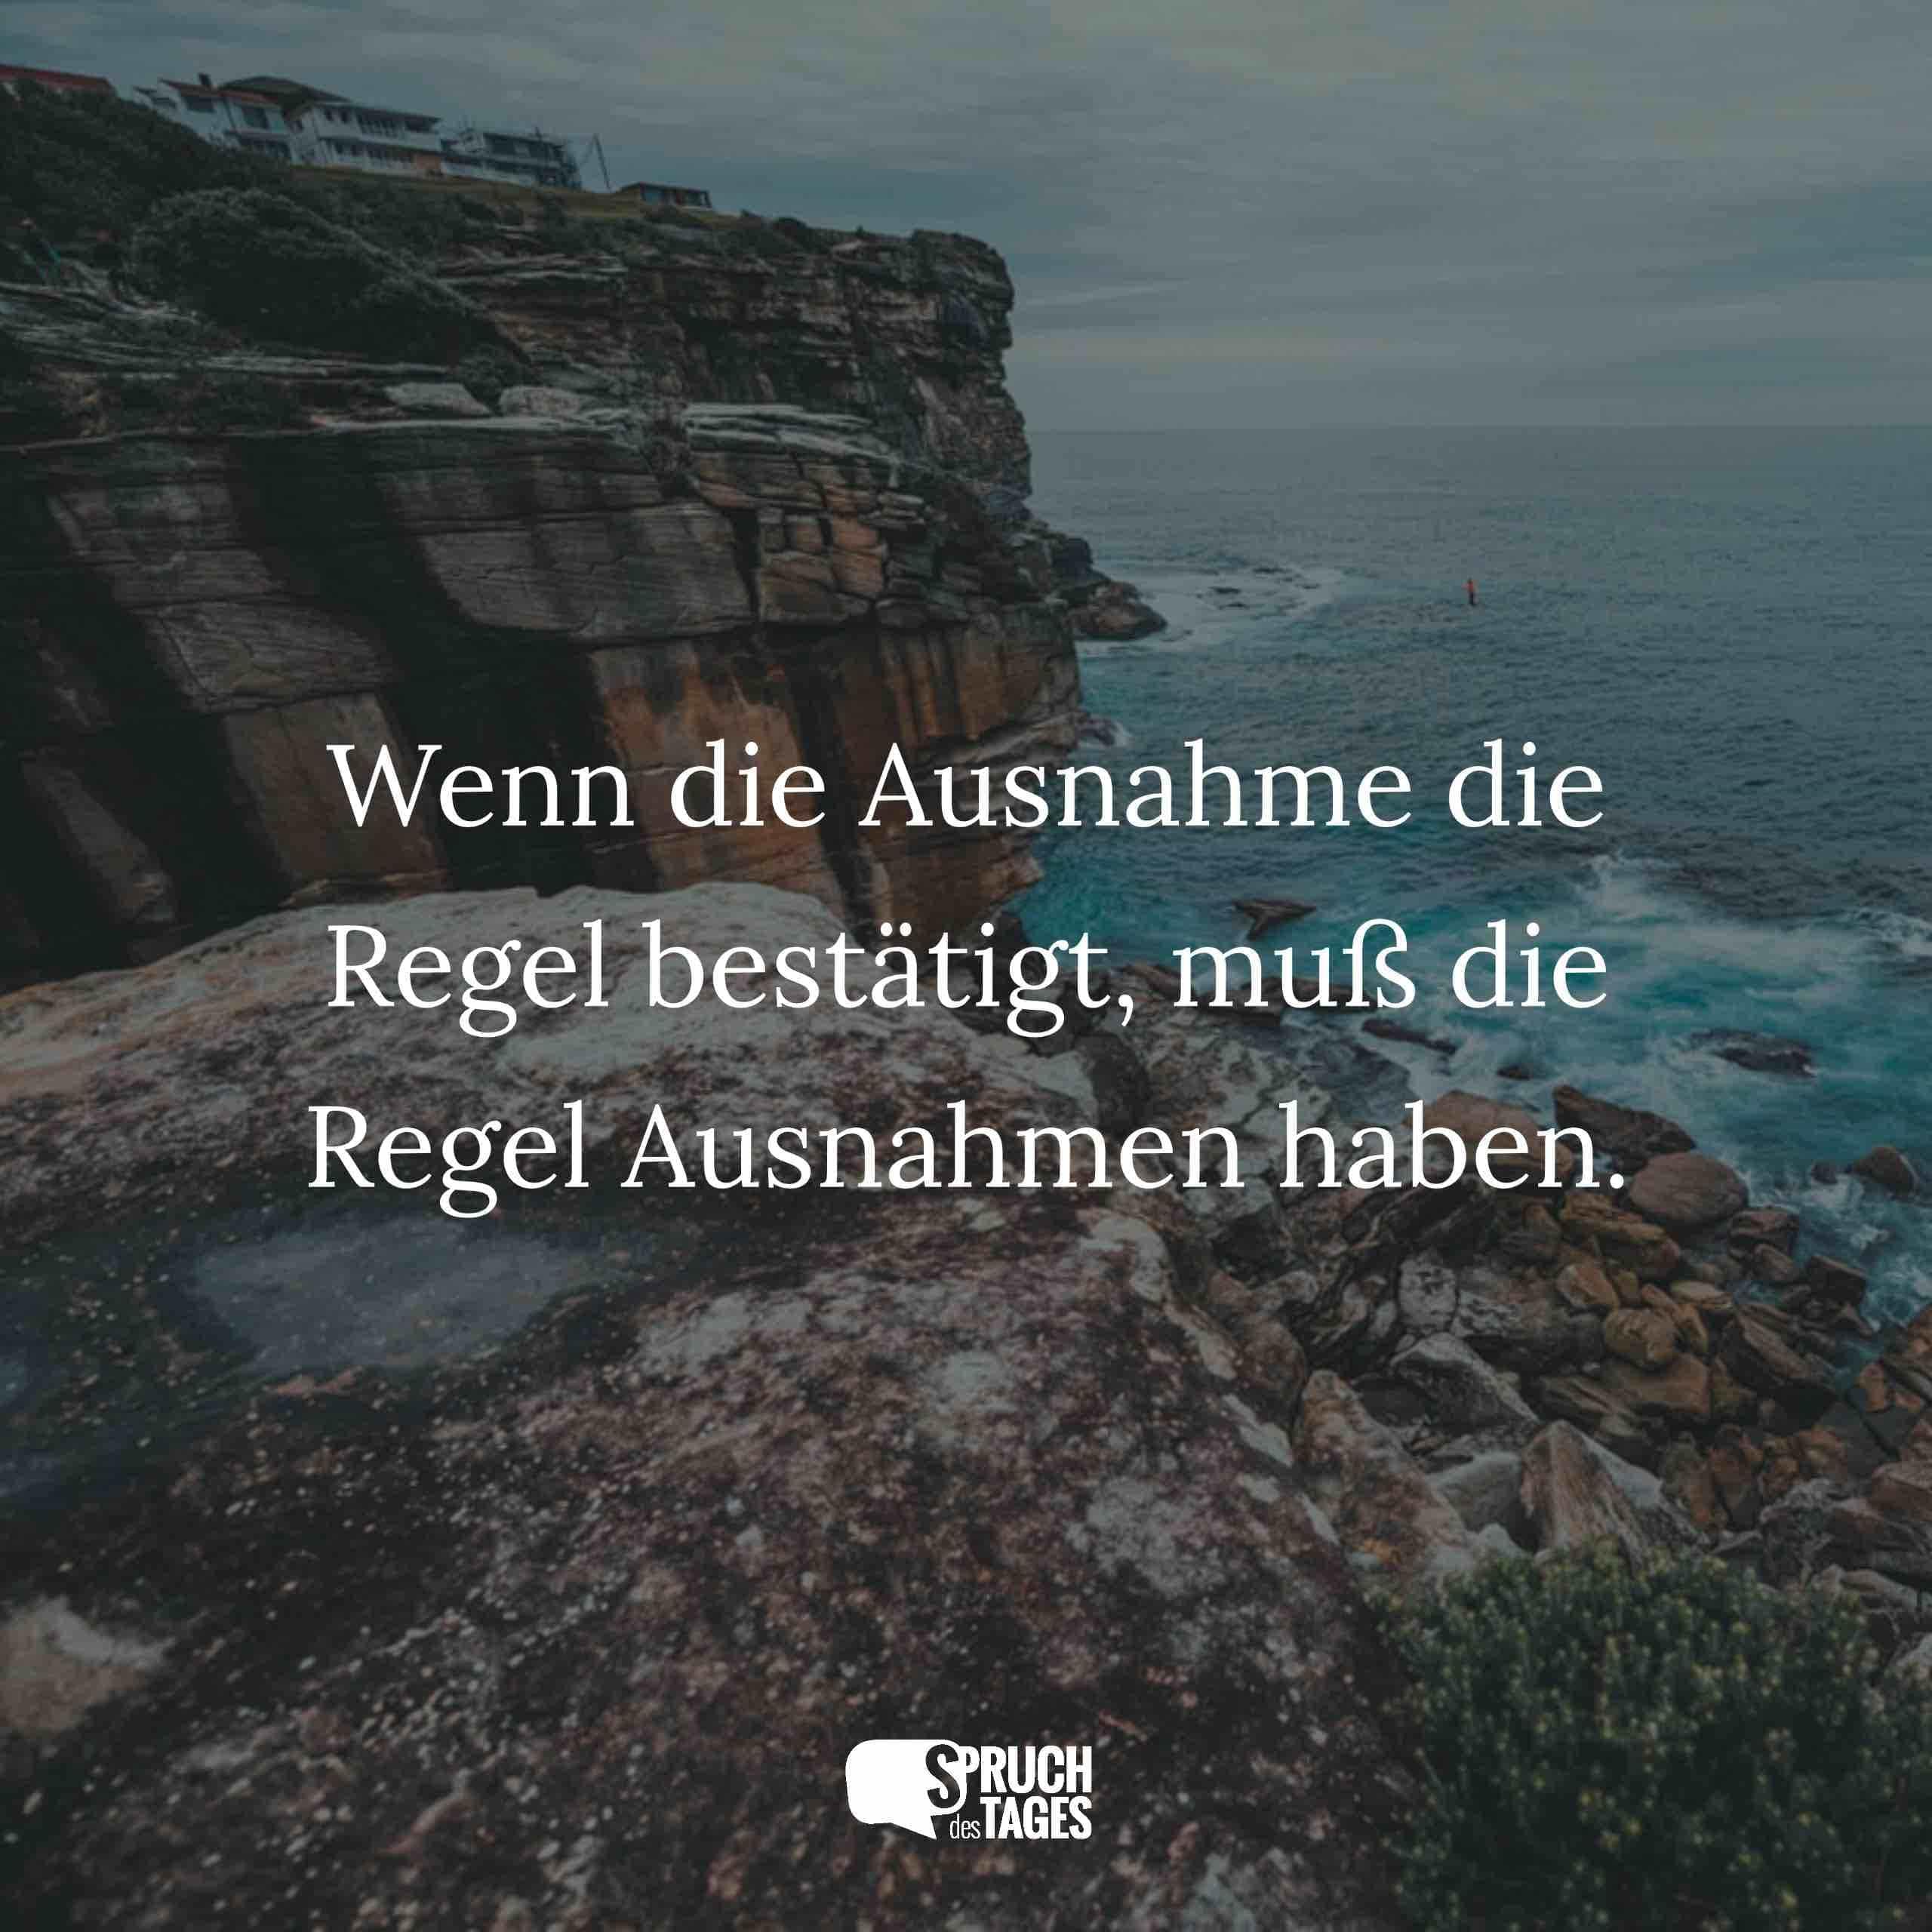 Spruch Des Tages Spruche Sprichworter Spruchbilder Zitate Und